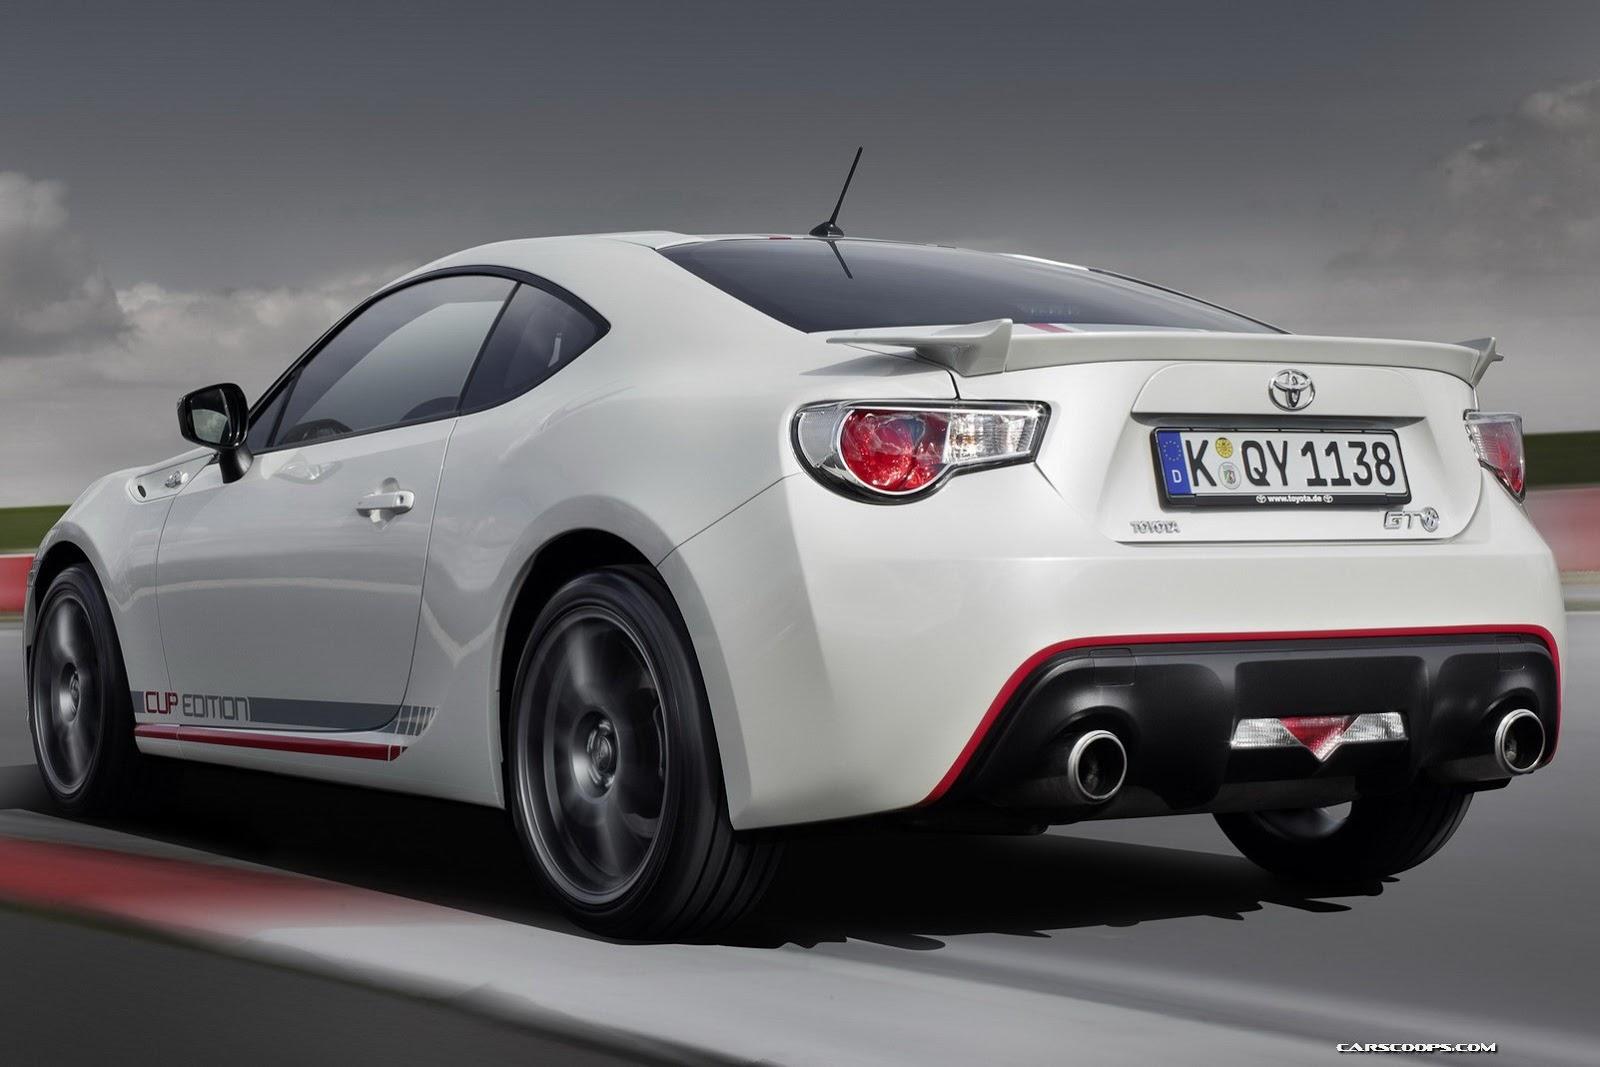 ขับรถแข่ง Toyota เปิดตัวโฉมการแต่งรุ่นพิเศษ Quot Gt86 Cup